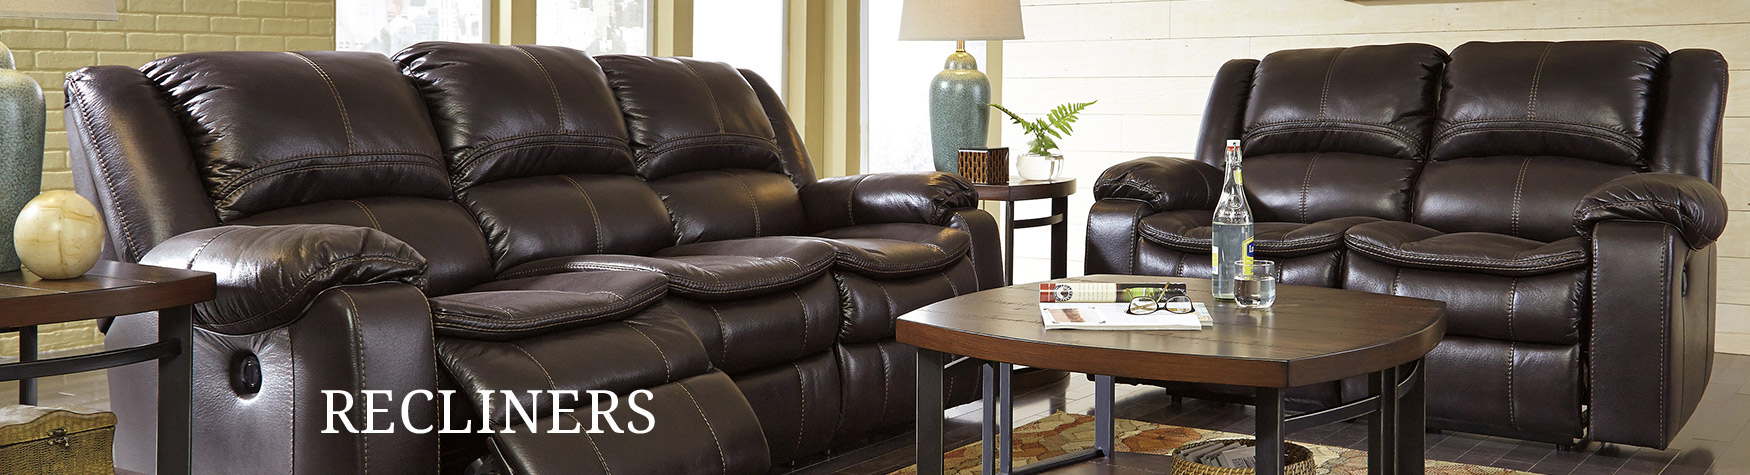 recliners-banner-1.jpg